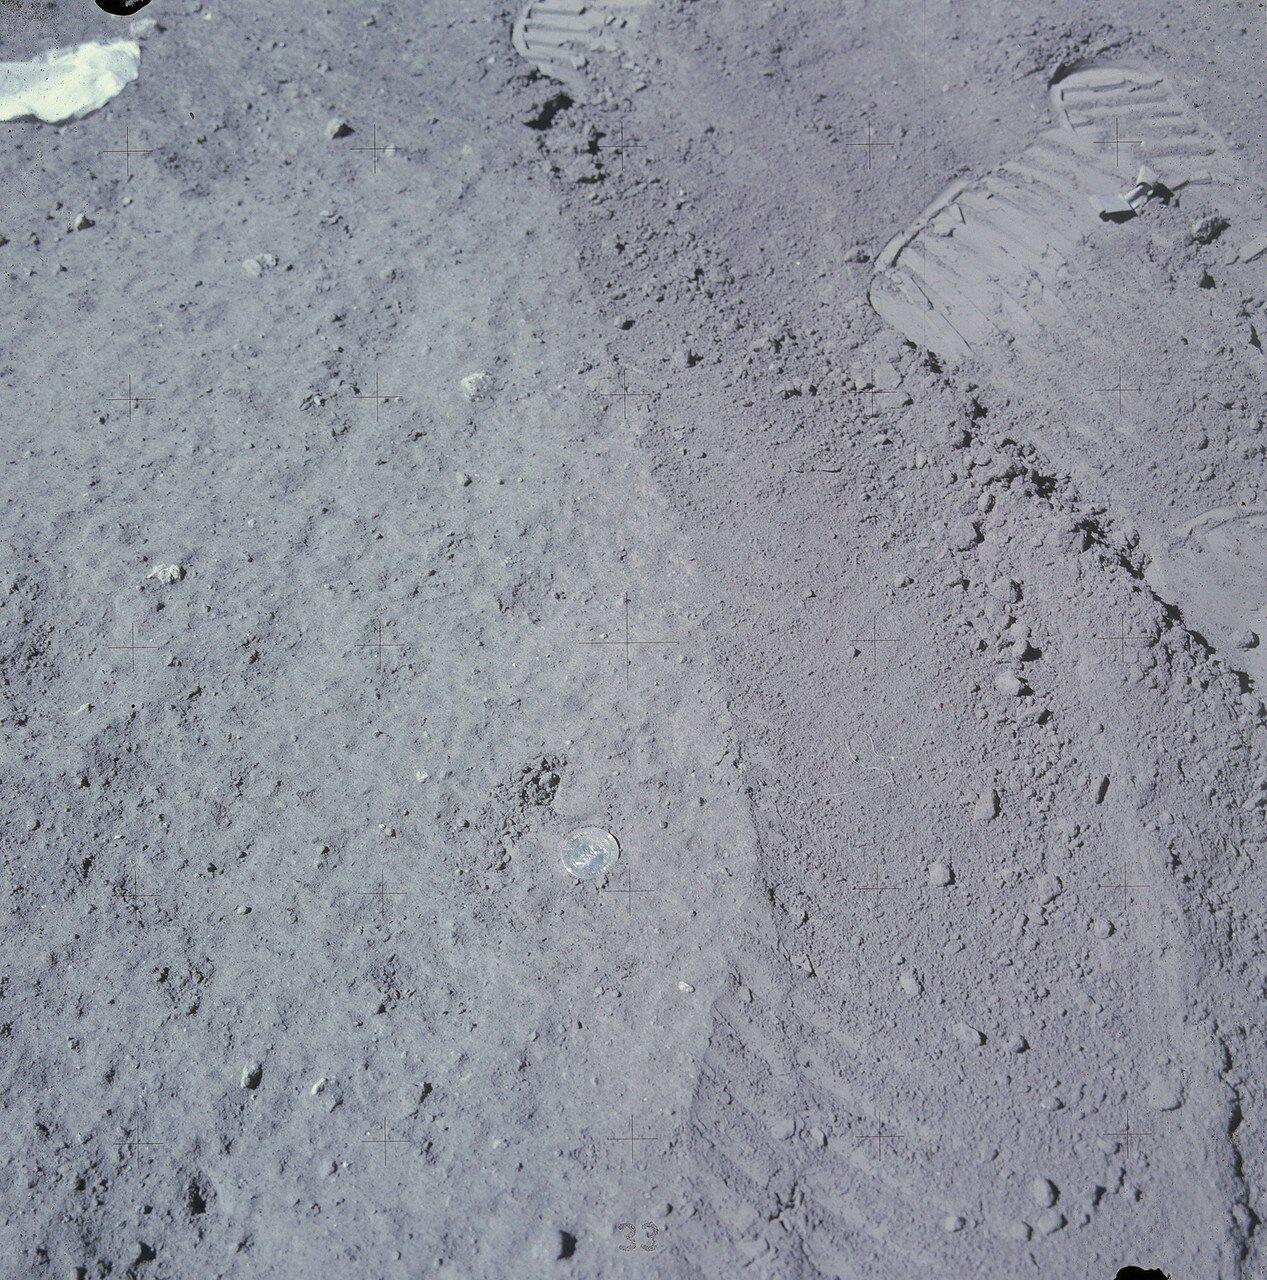 В конце третьего выхода на поверхность Дьюк недалеко от ЛМ положил на лунный грунт  памятную медаль в честь 25-летия образования ВВС США. На снимке: Памятная медаль в честь 25-летия основания ВВС США